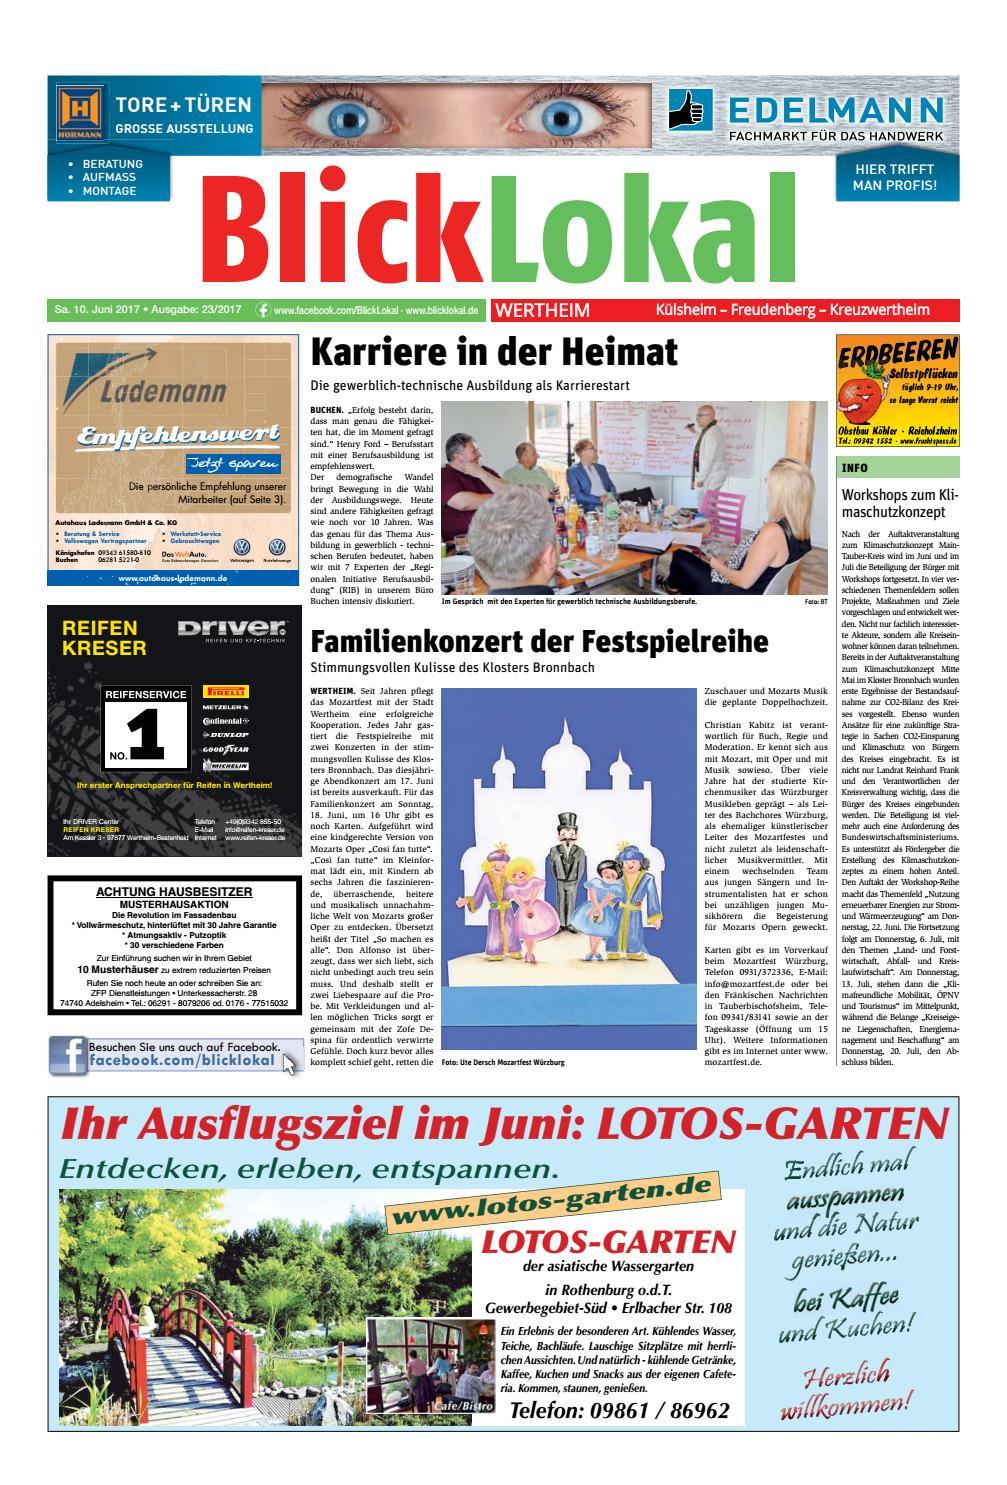 Asiatische Gartendeko Neu Blicklokal Wertheim Kw23 2017 by Blicklokal Wochenzeitung